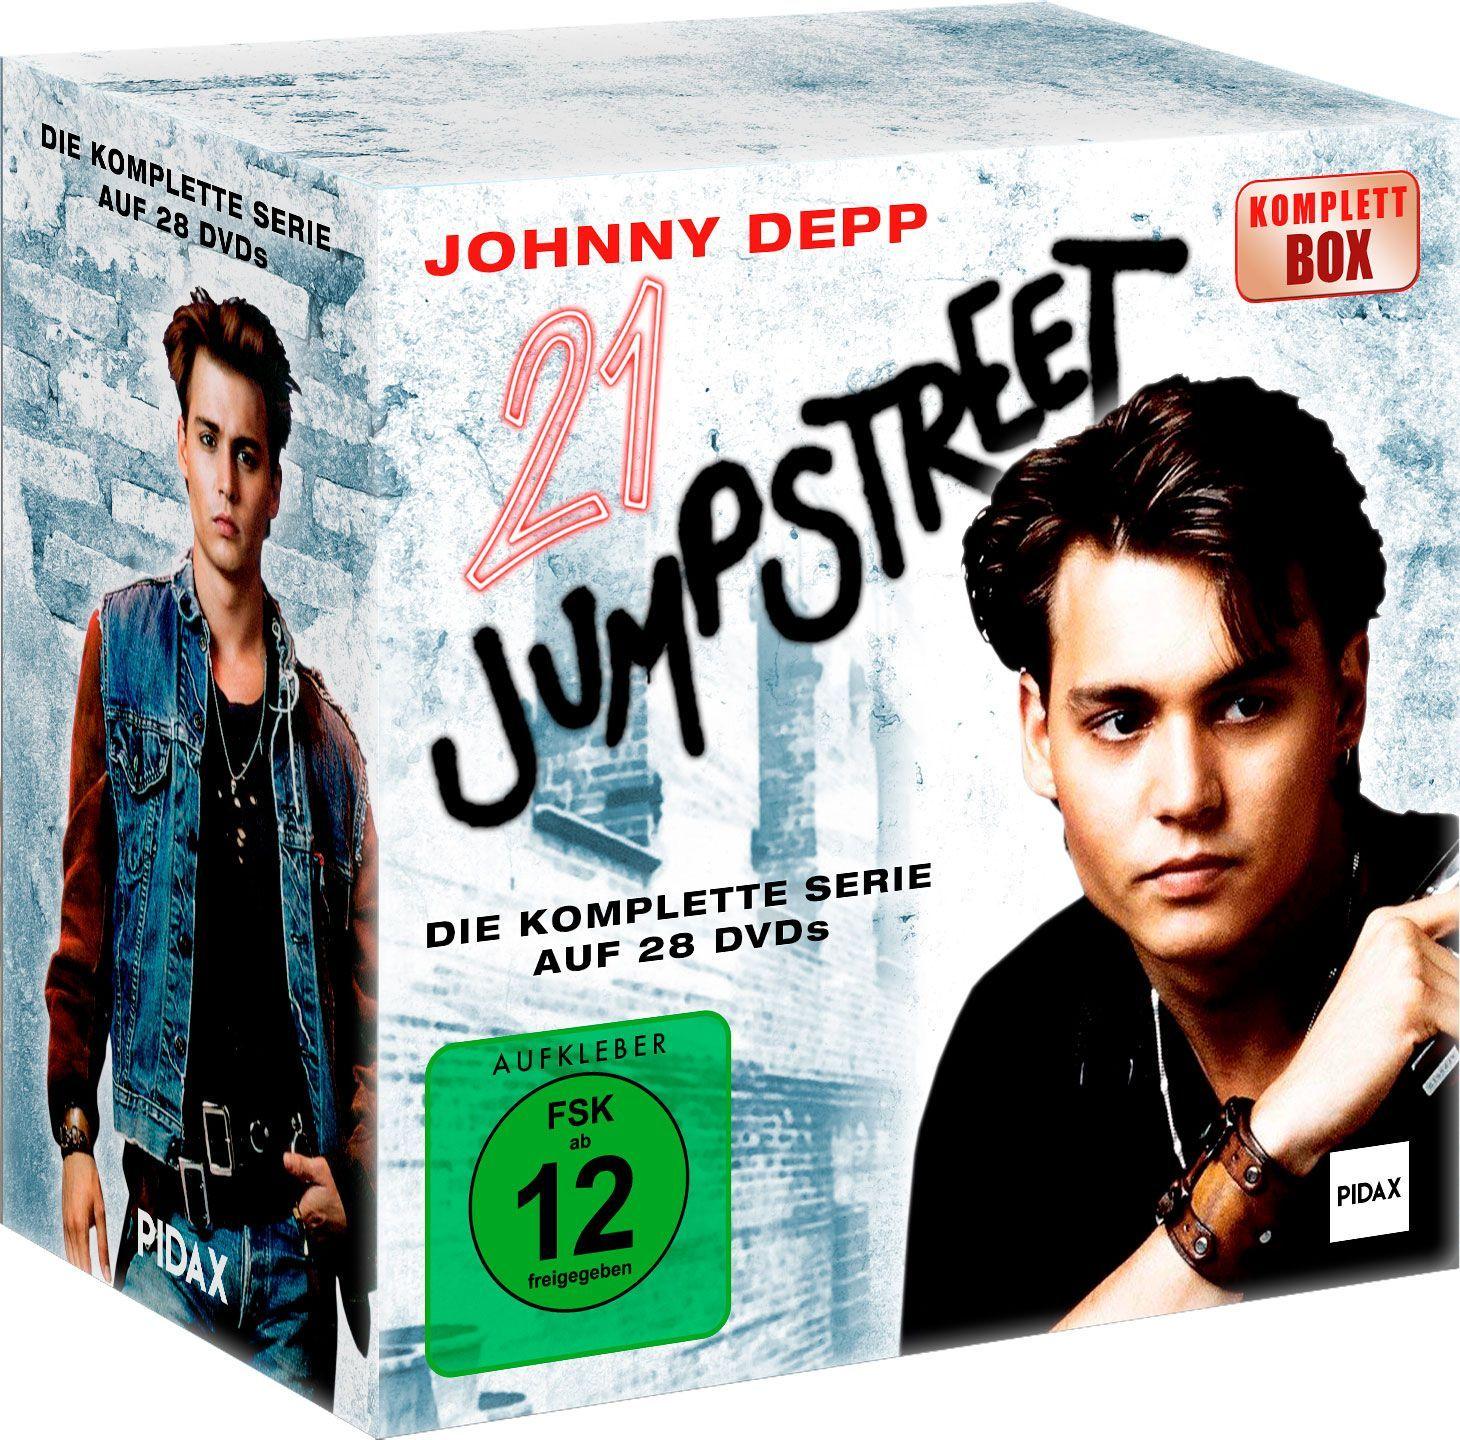 Image of 21 Jump Street - Die komplette Serie